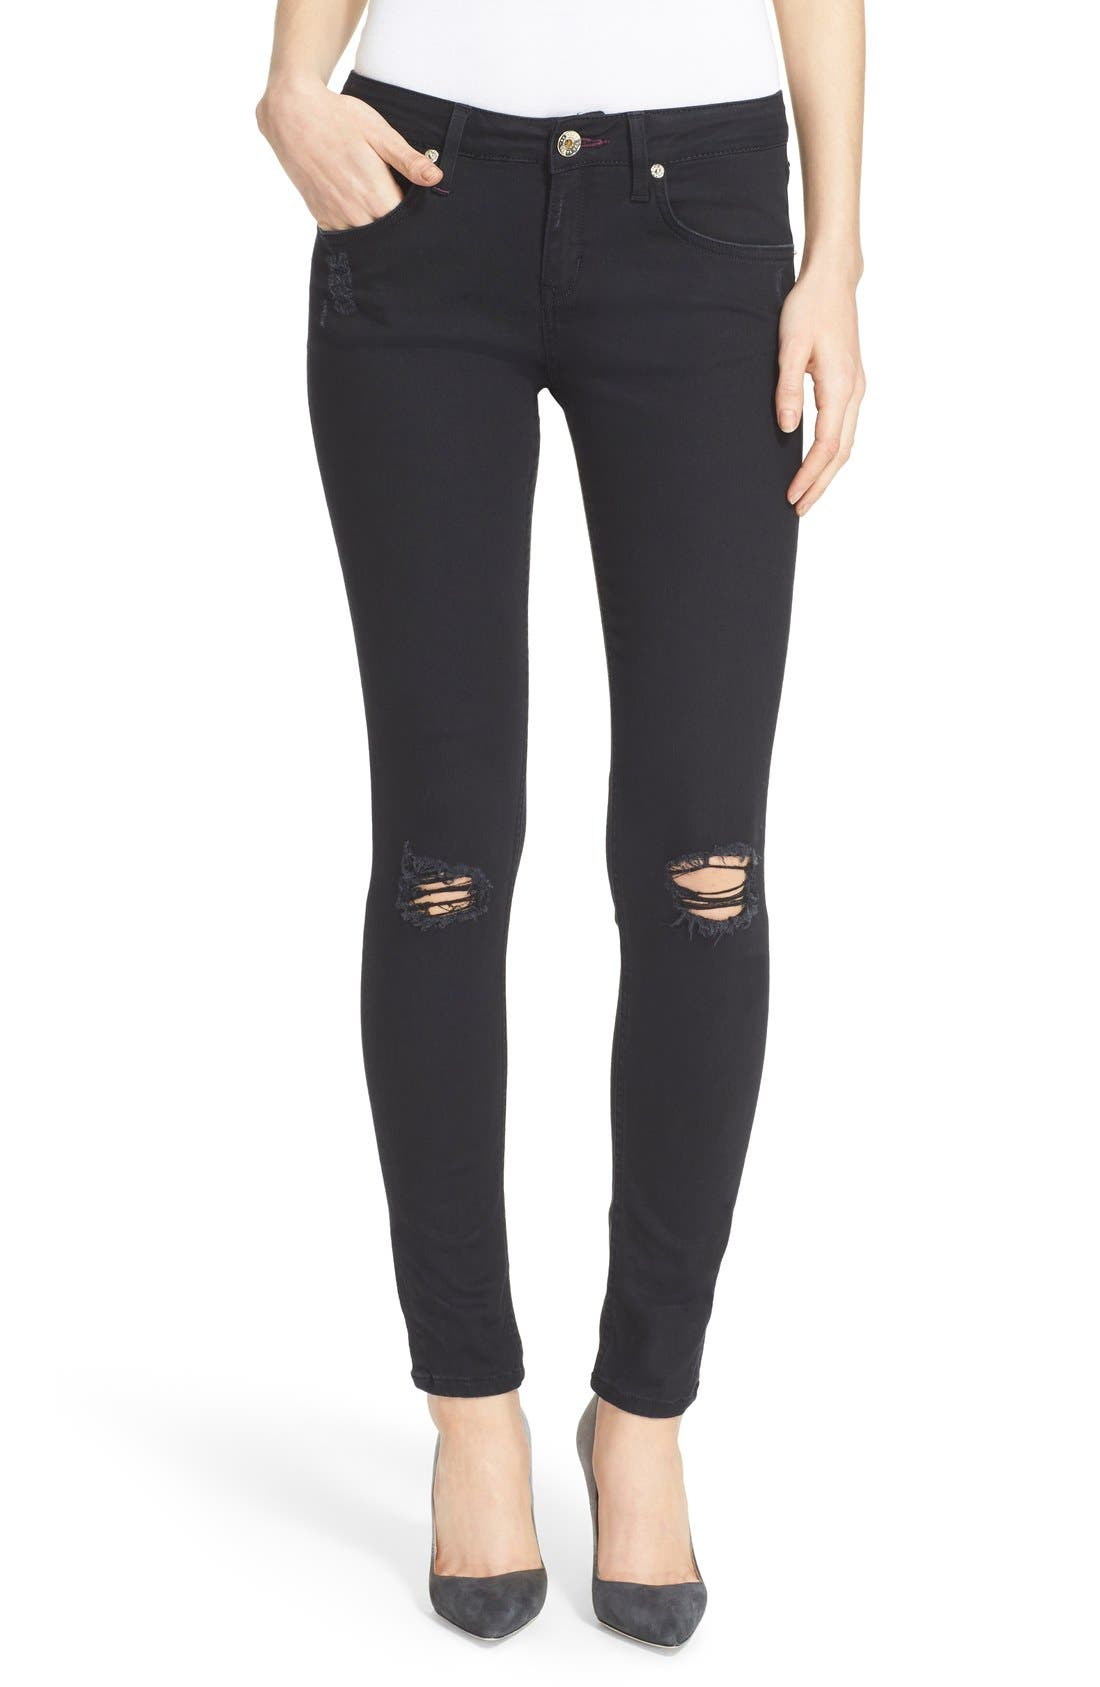 Main Image - Ted Baker London 'Platt' Abrasion Skinny Jeans (Black)